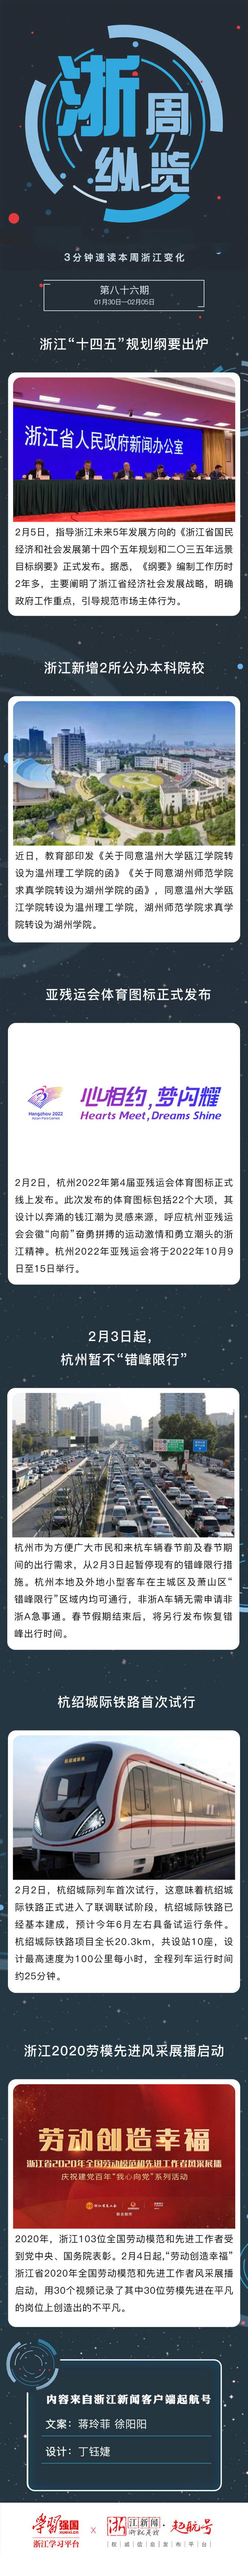 微信图片_20210208094402.jpg